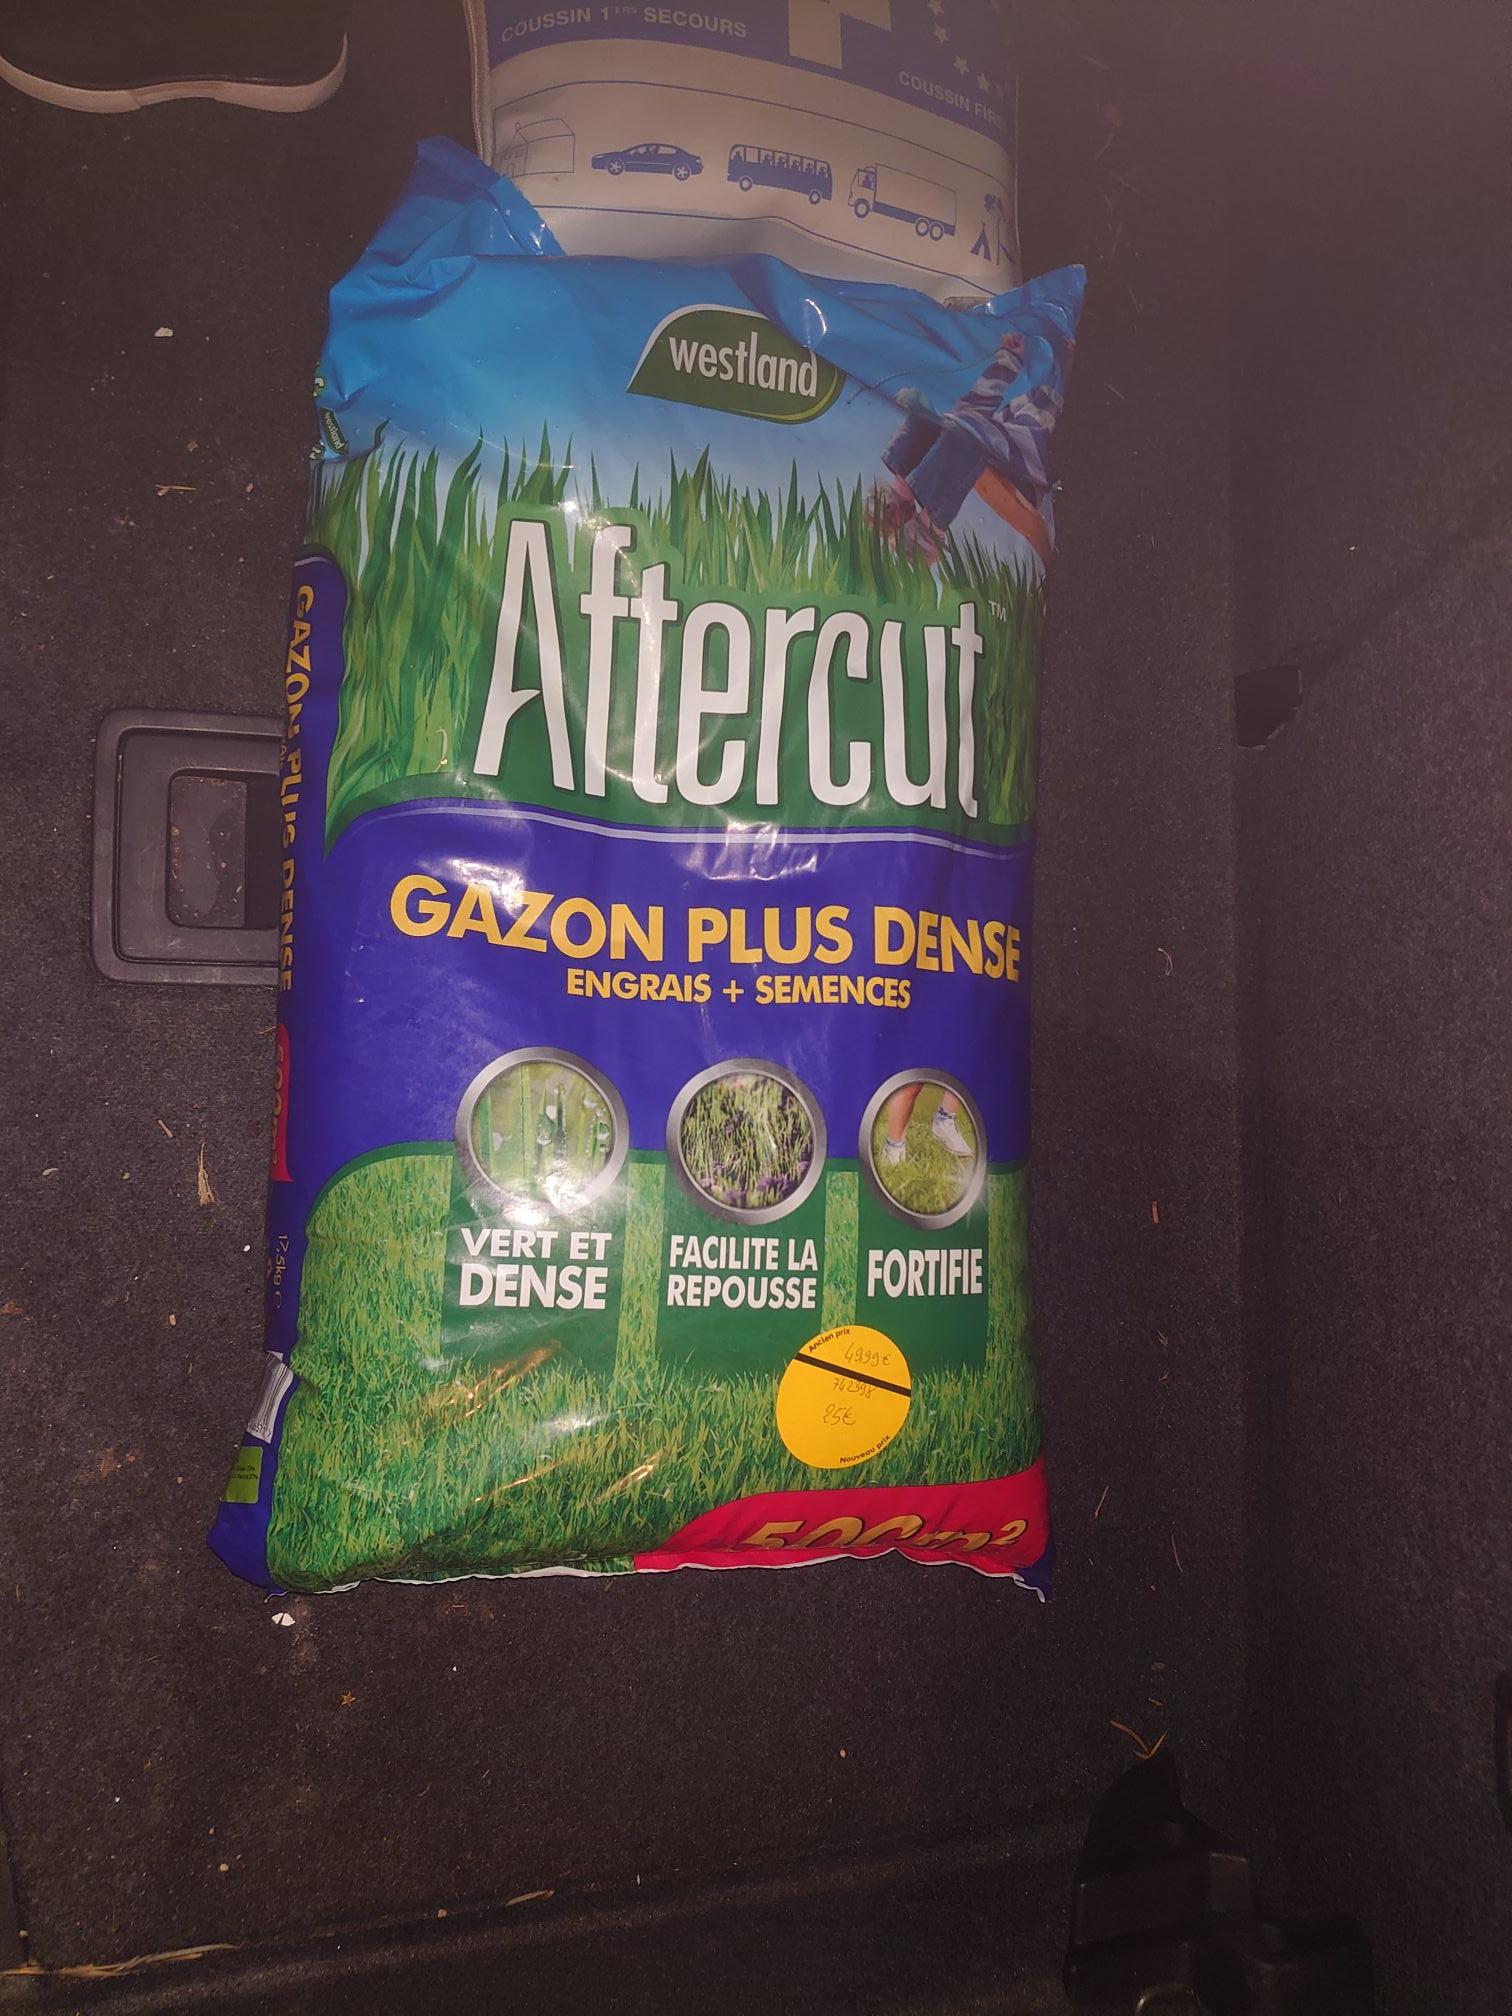 Sac d'engrais + semences Westland Aftercut (500 m²) - Olivet (45)